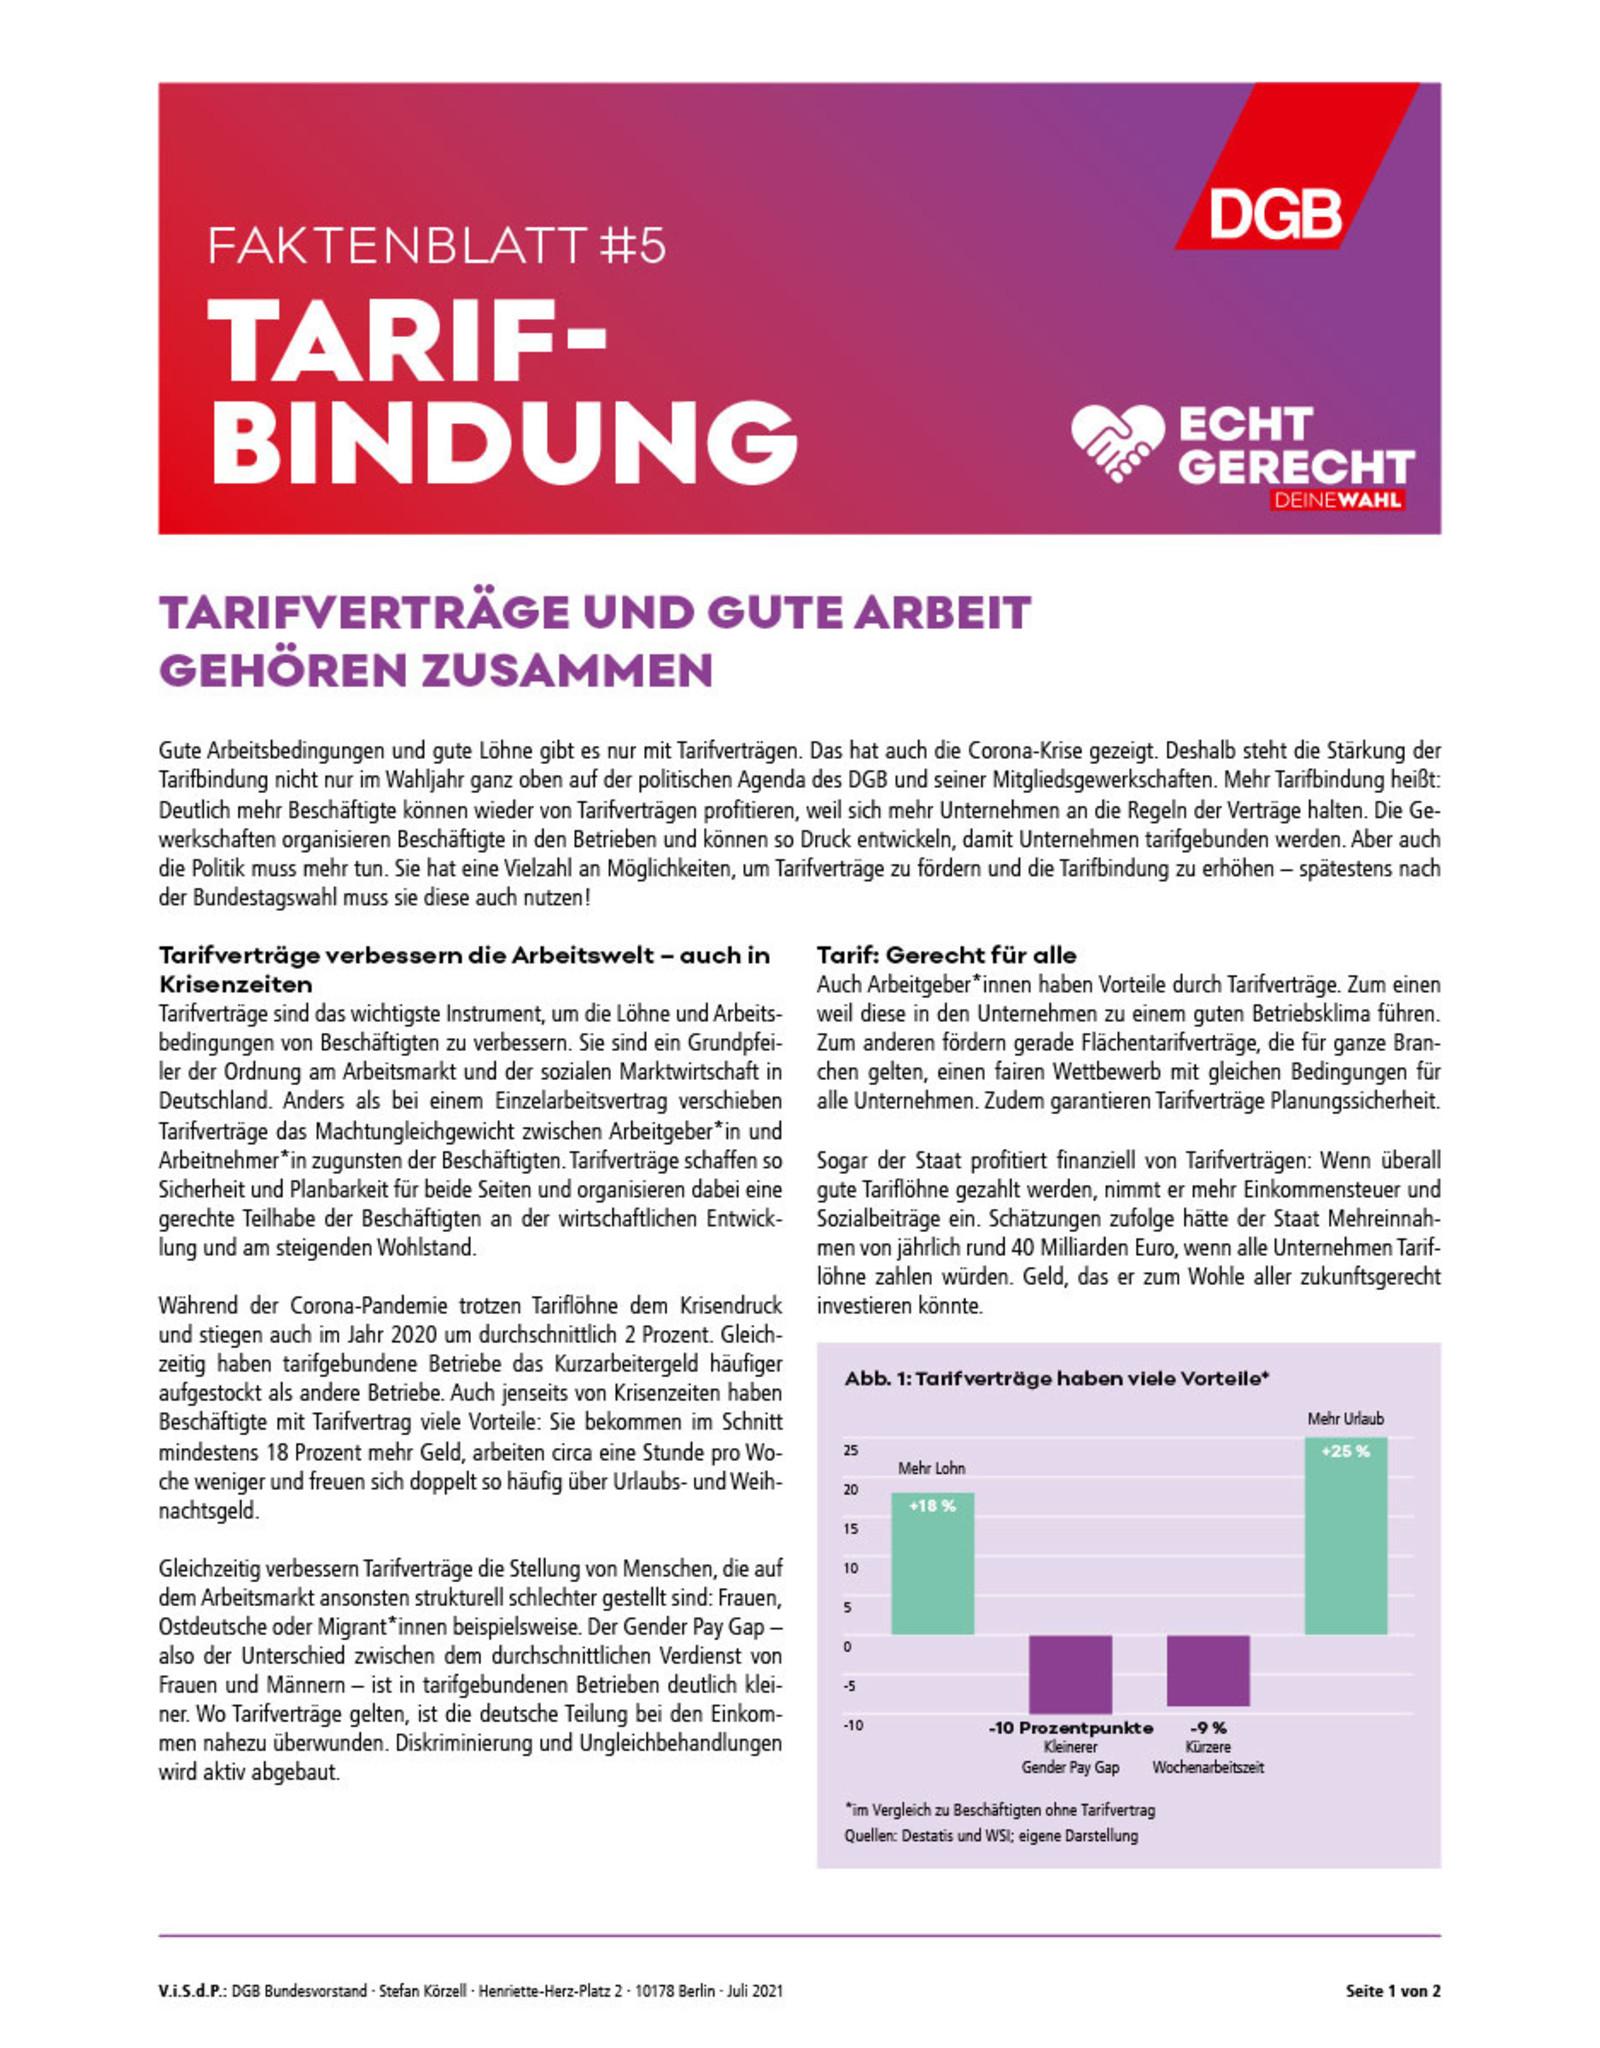 """Faktenblatt #5 Tarifbindung zur Bundestagswahl-Kampagne """"Echt gerecht"""" 2021"""